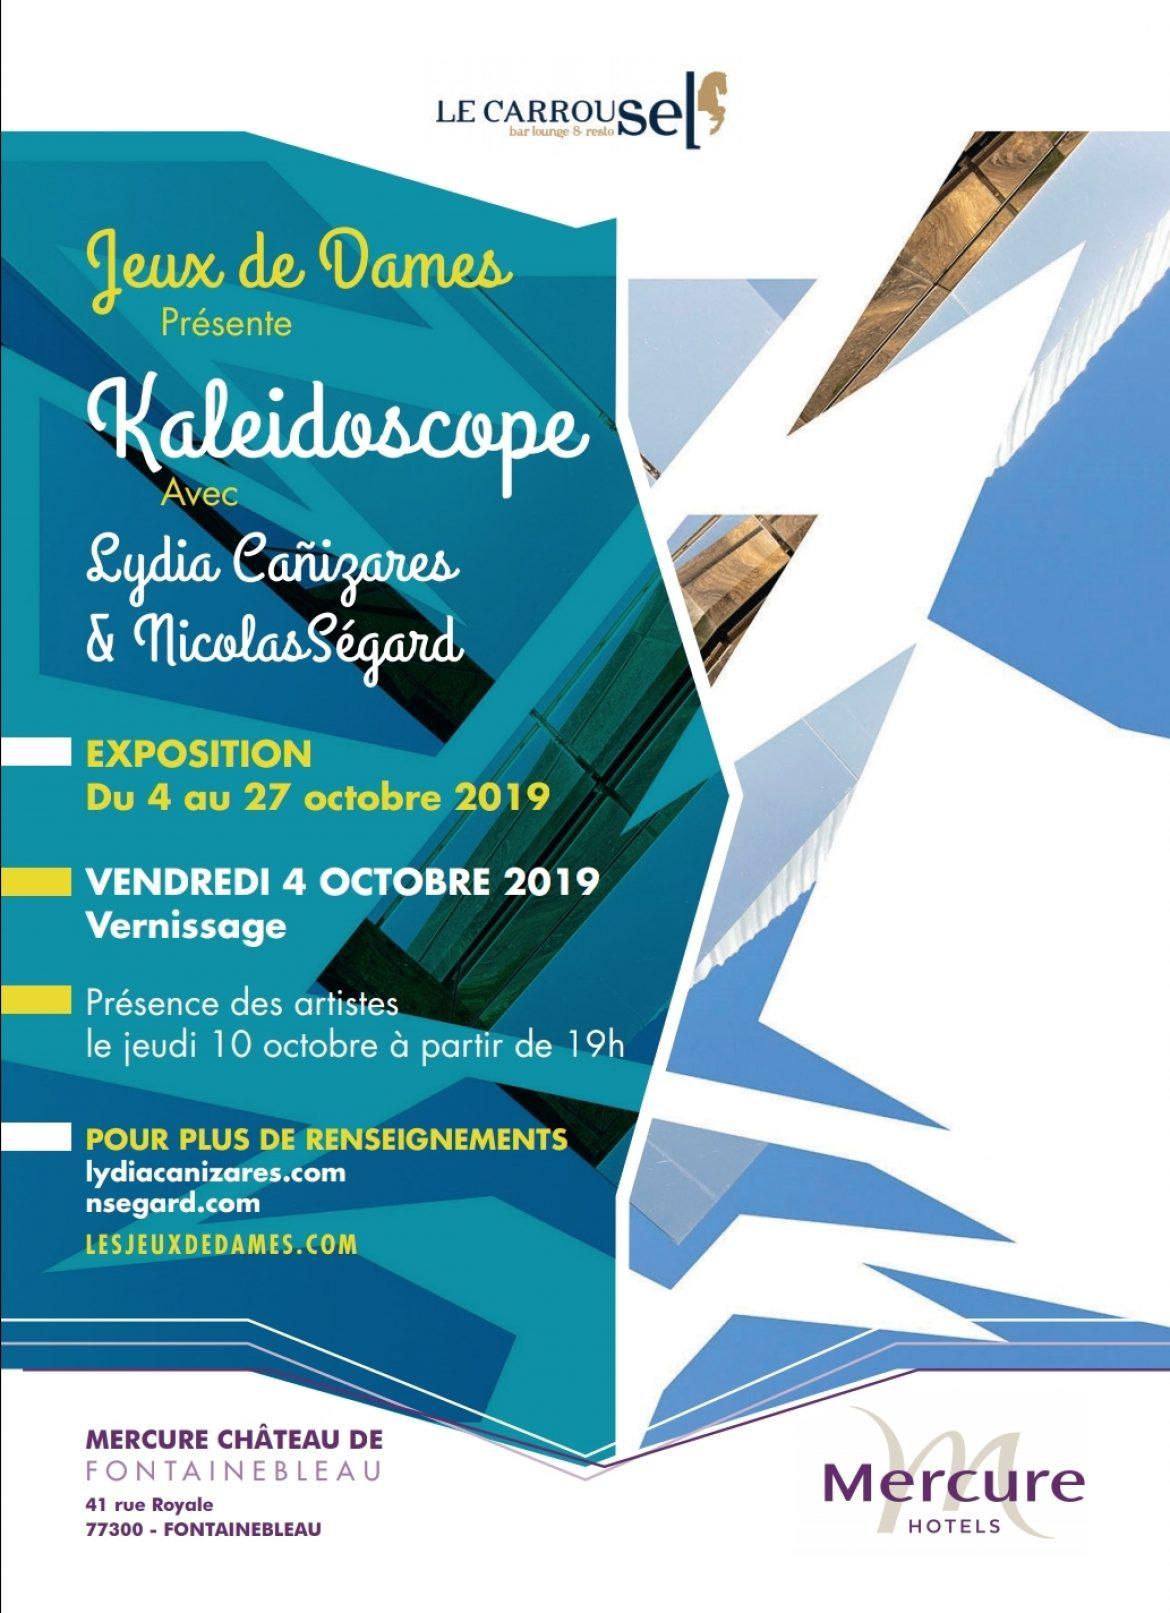 Kaleidoscope Lydia Canizares Nicolas Segard Hotel Mercure Fontainebleau